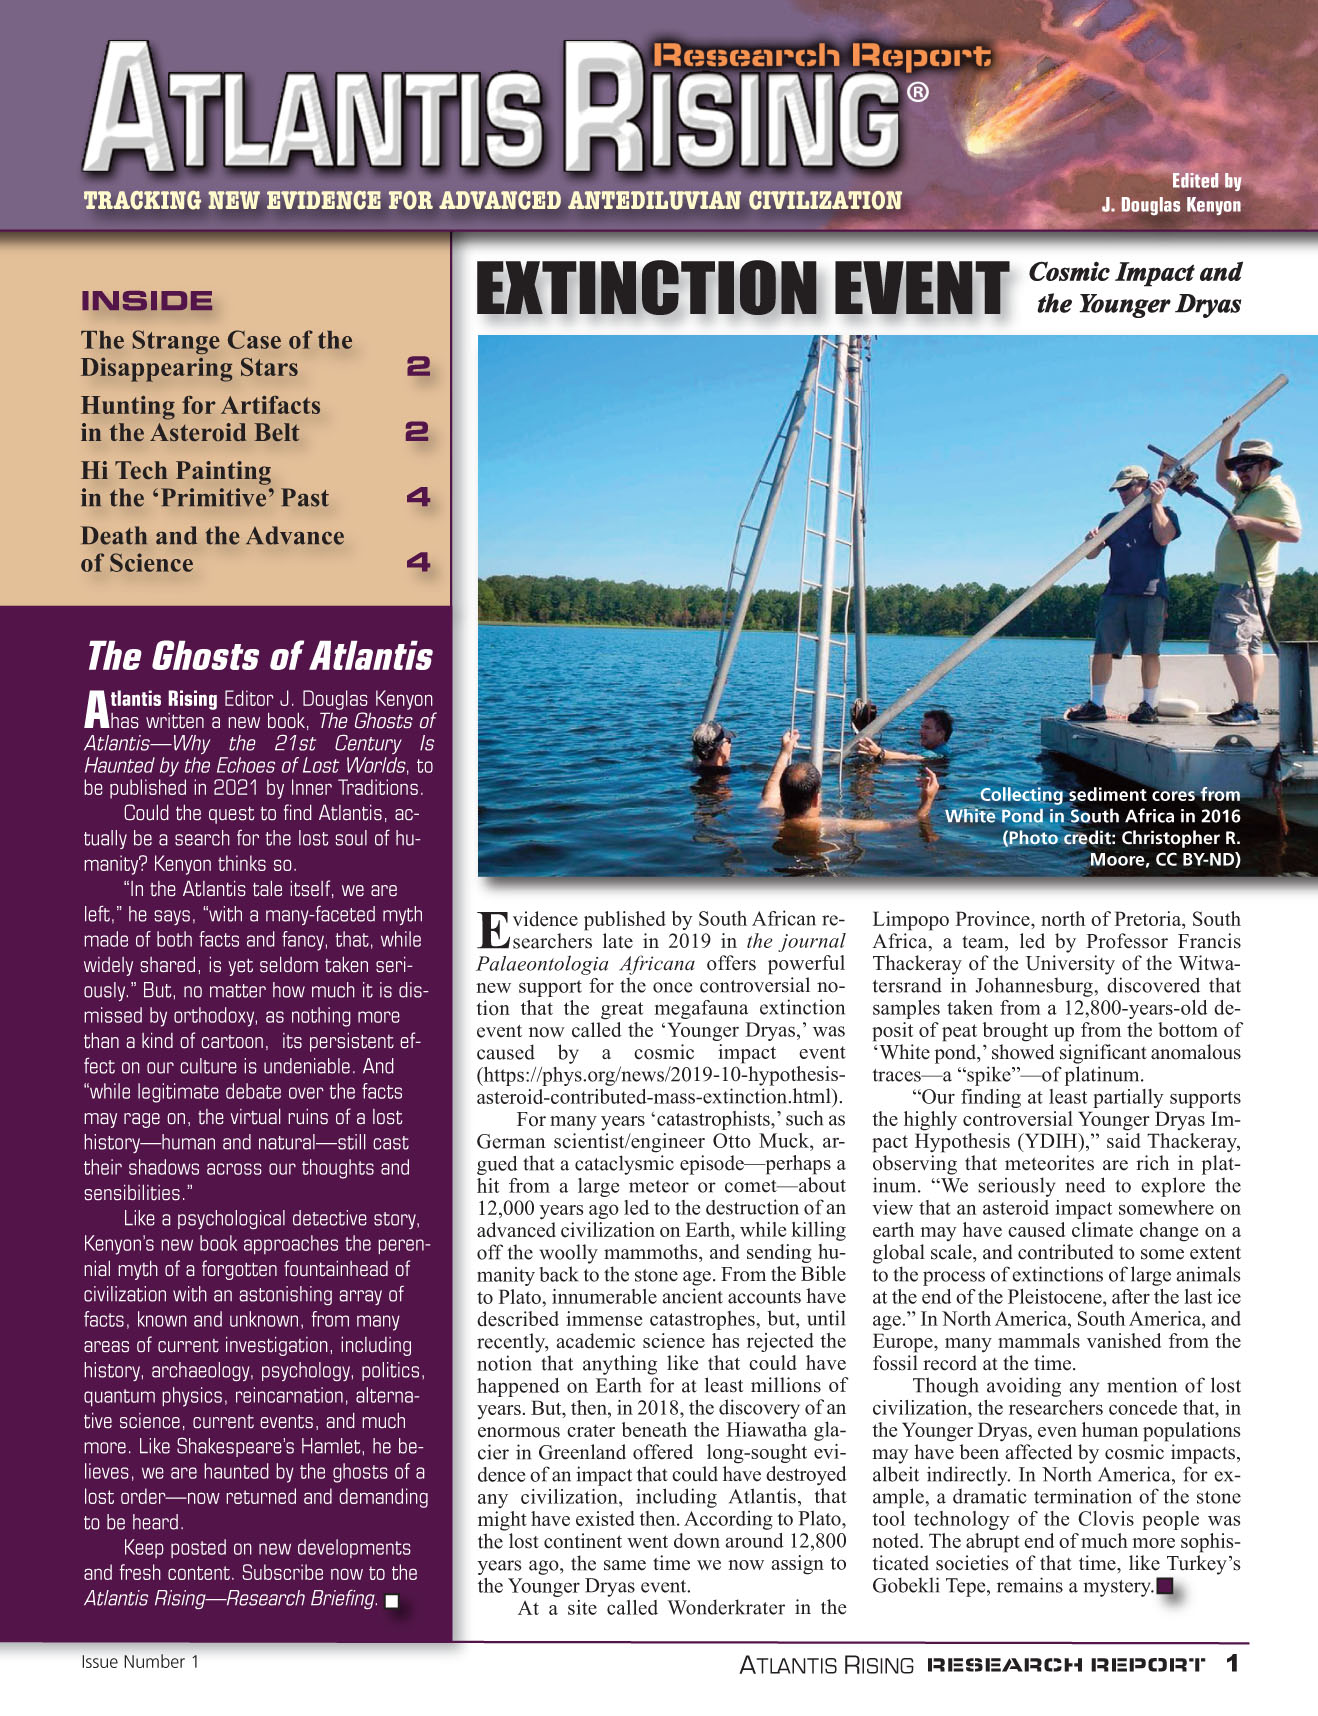 Atlantis Rising Research Report 01-1.jpg